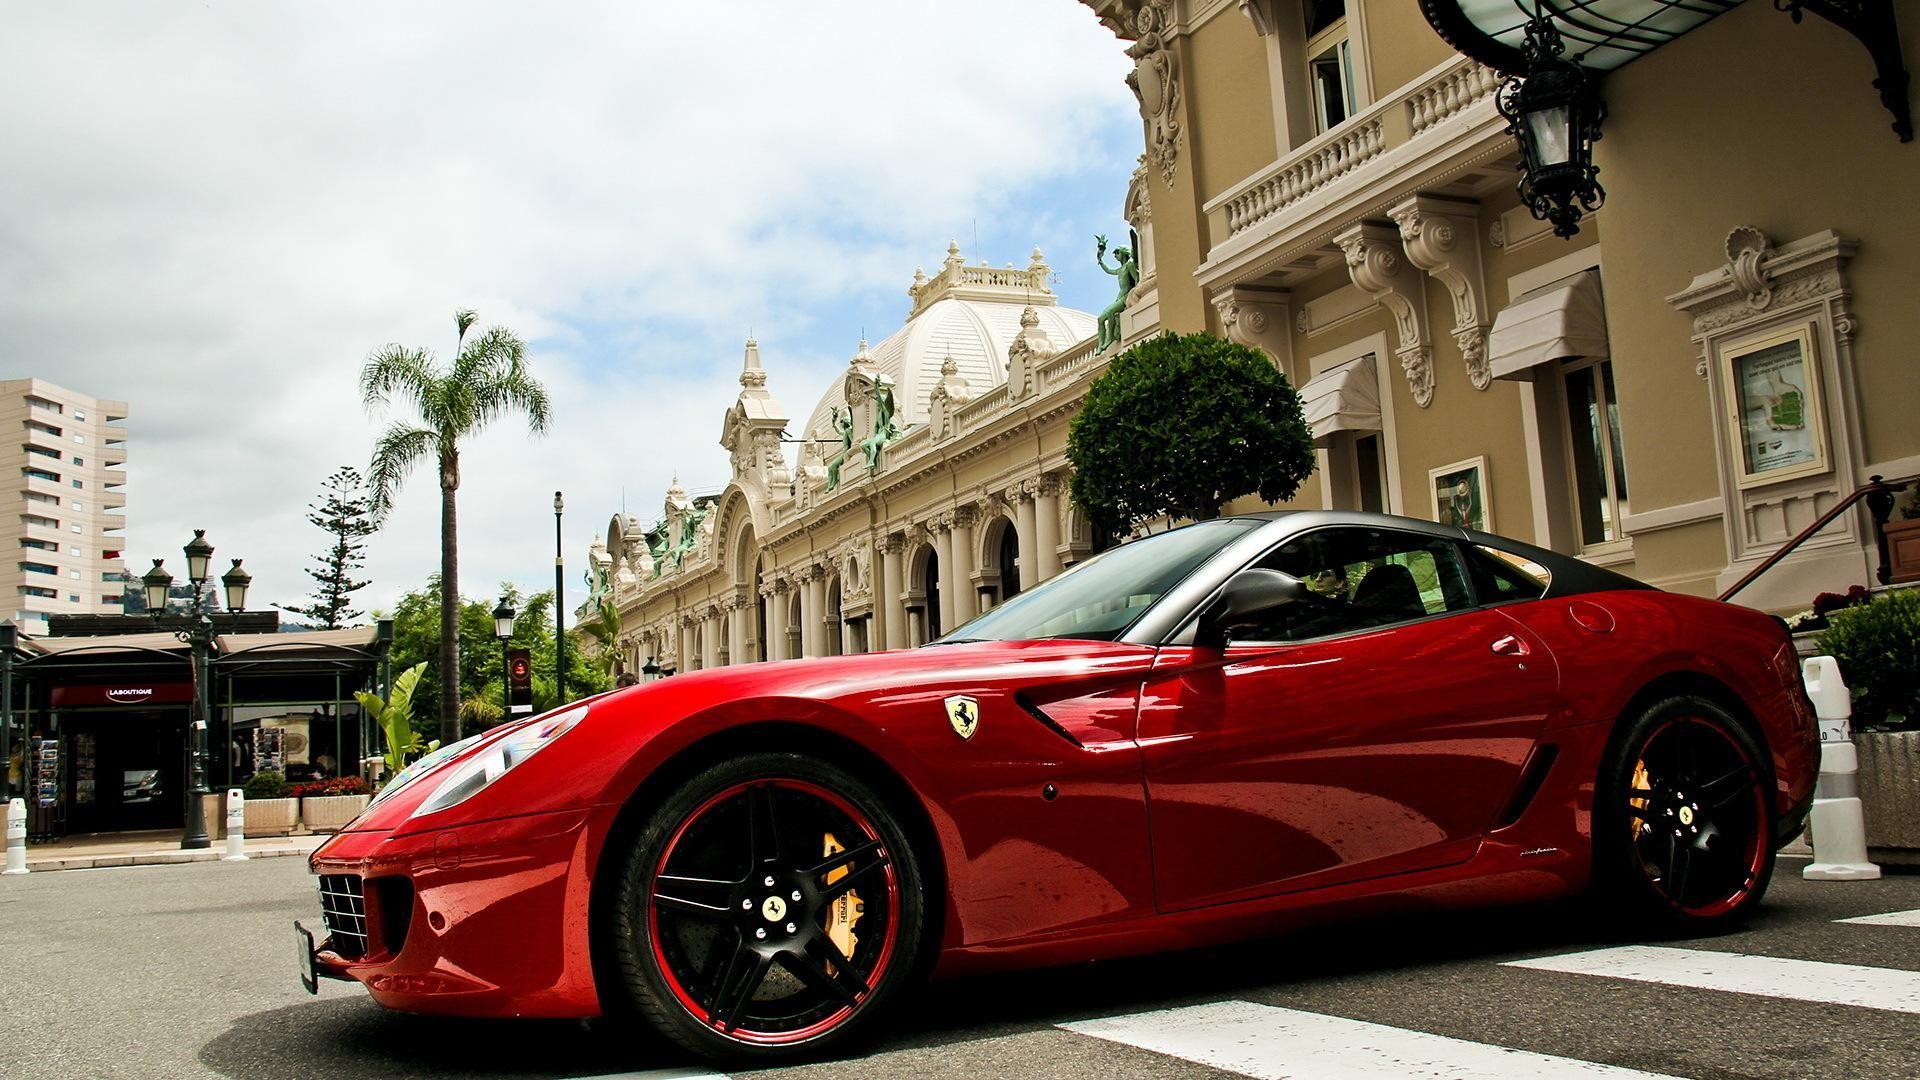 Cars Hd 1080p Ferrari For Full Hdferrari Car Wallpapers Ferrari